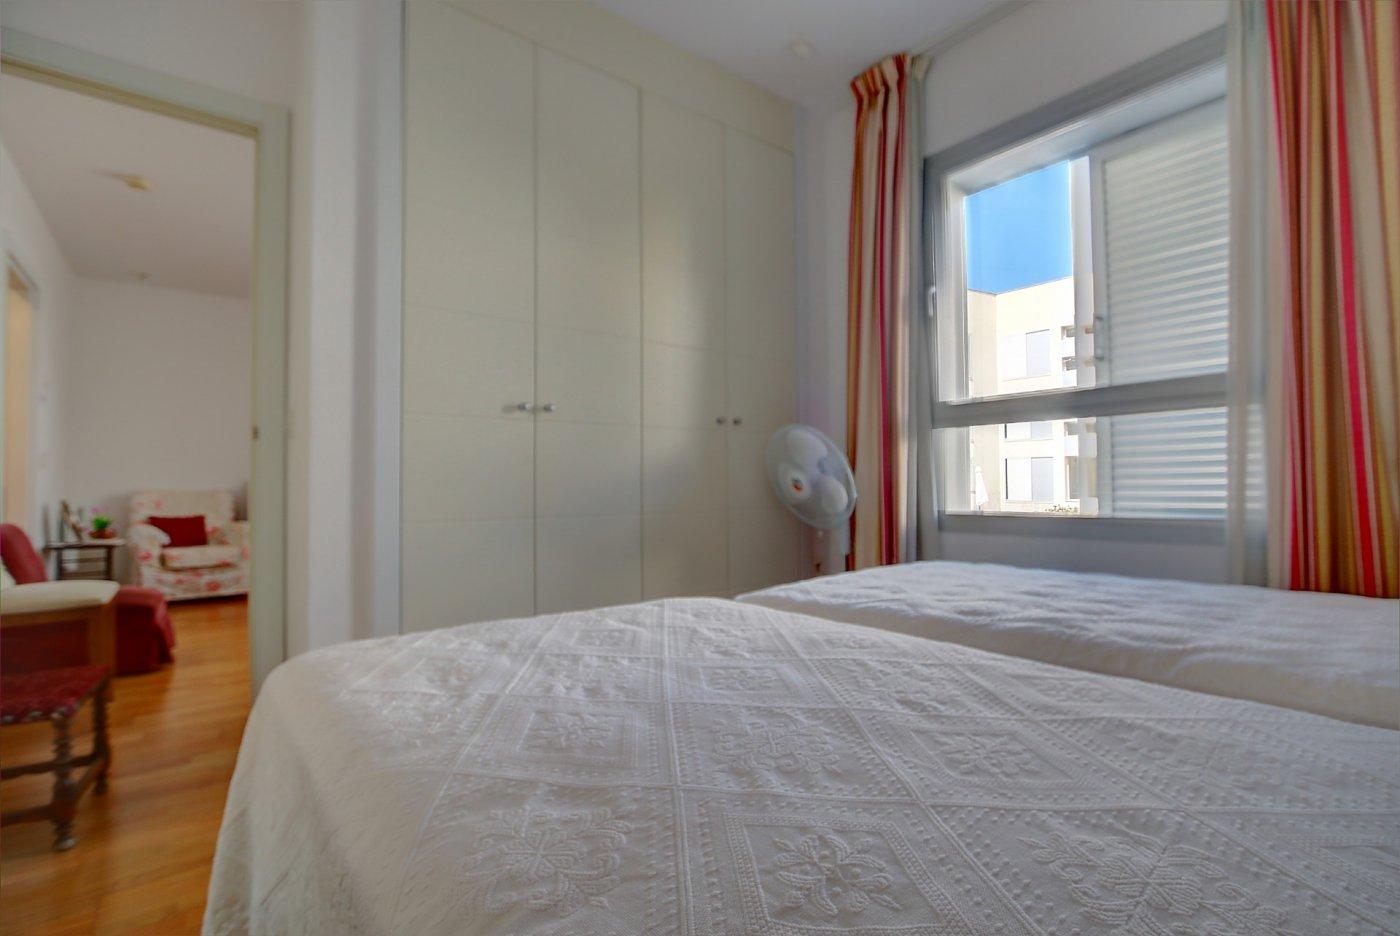 Apartamento en venta las arcadias - general riera. - imagenInmueble3